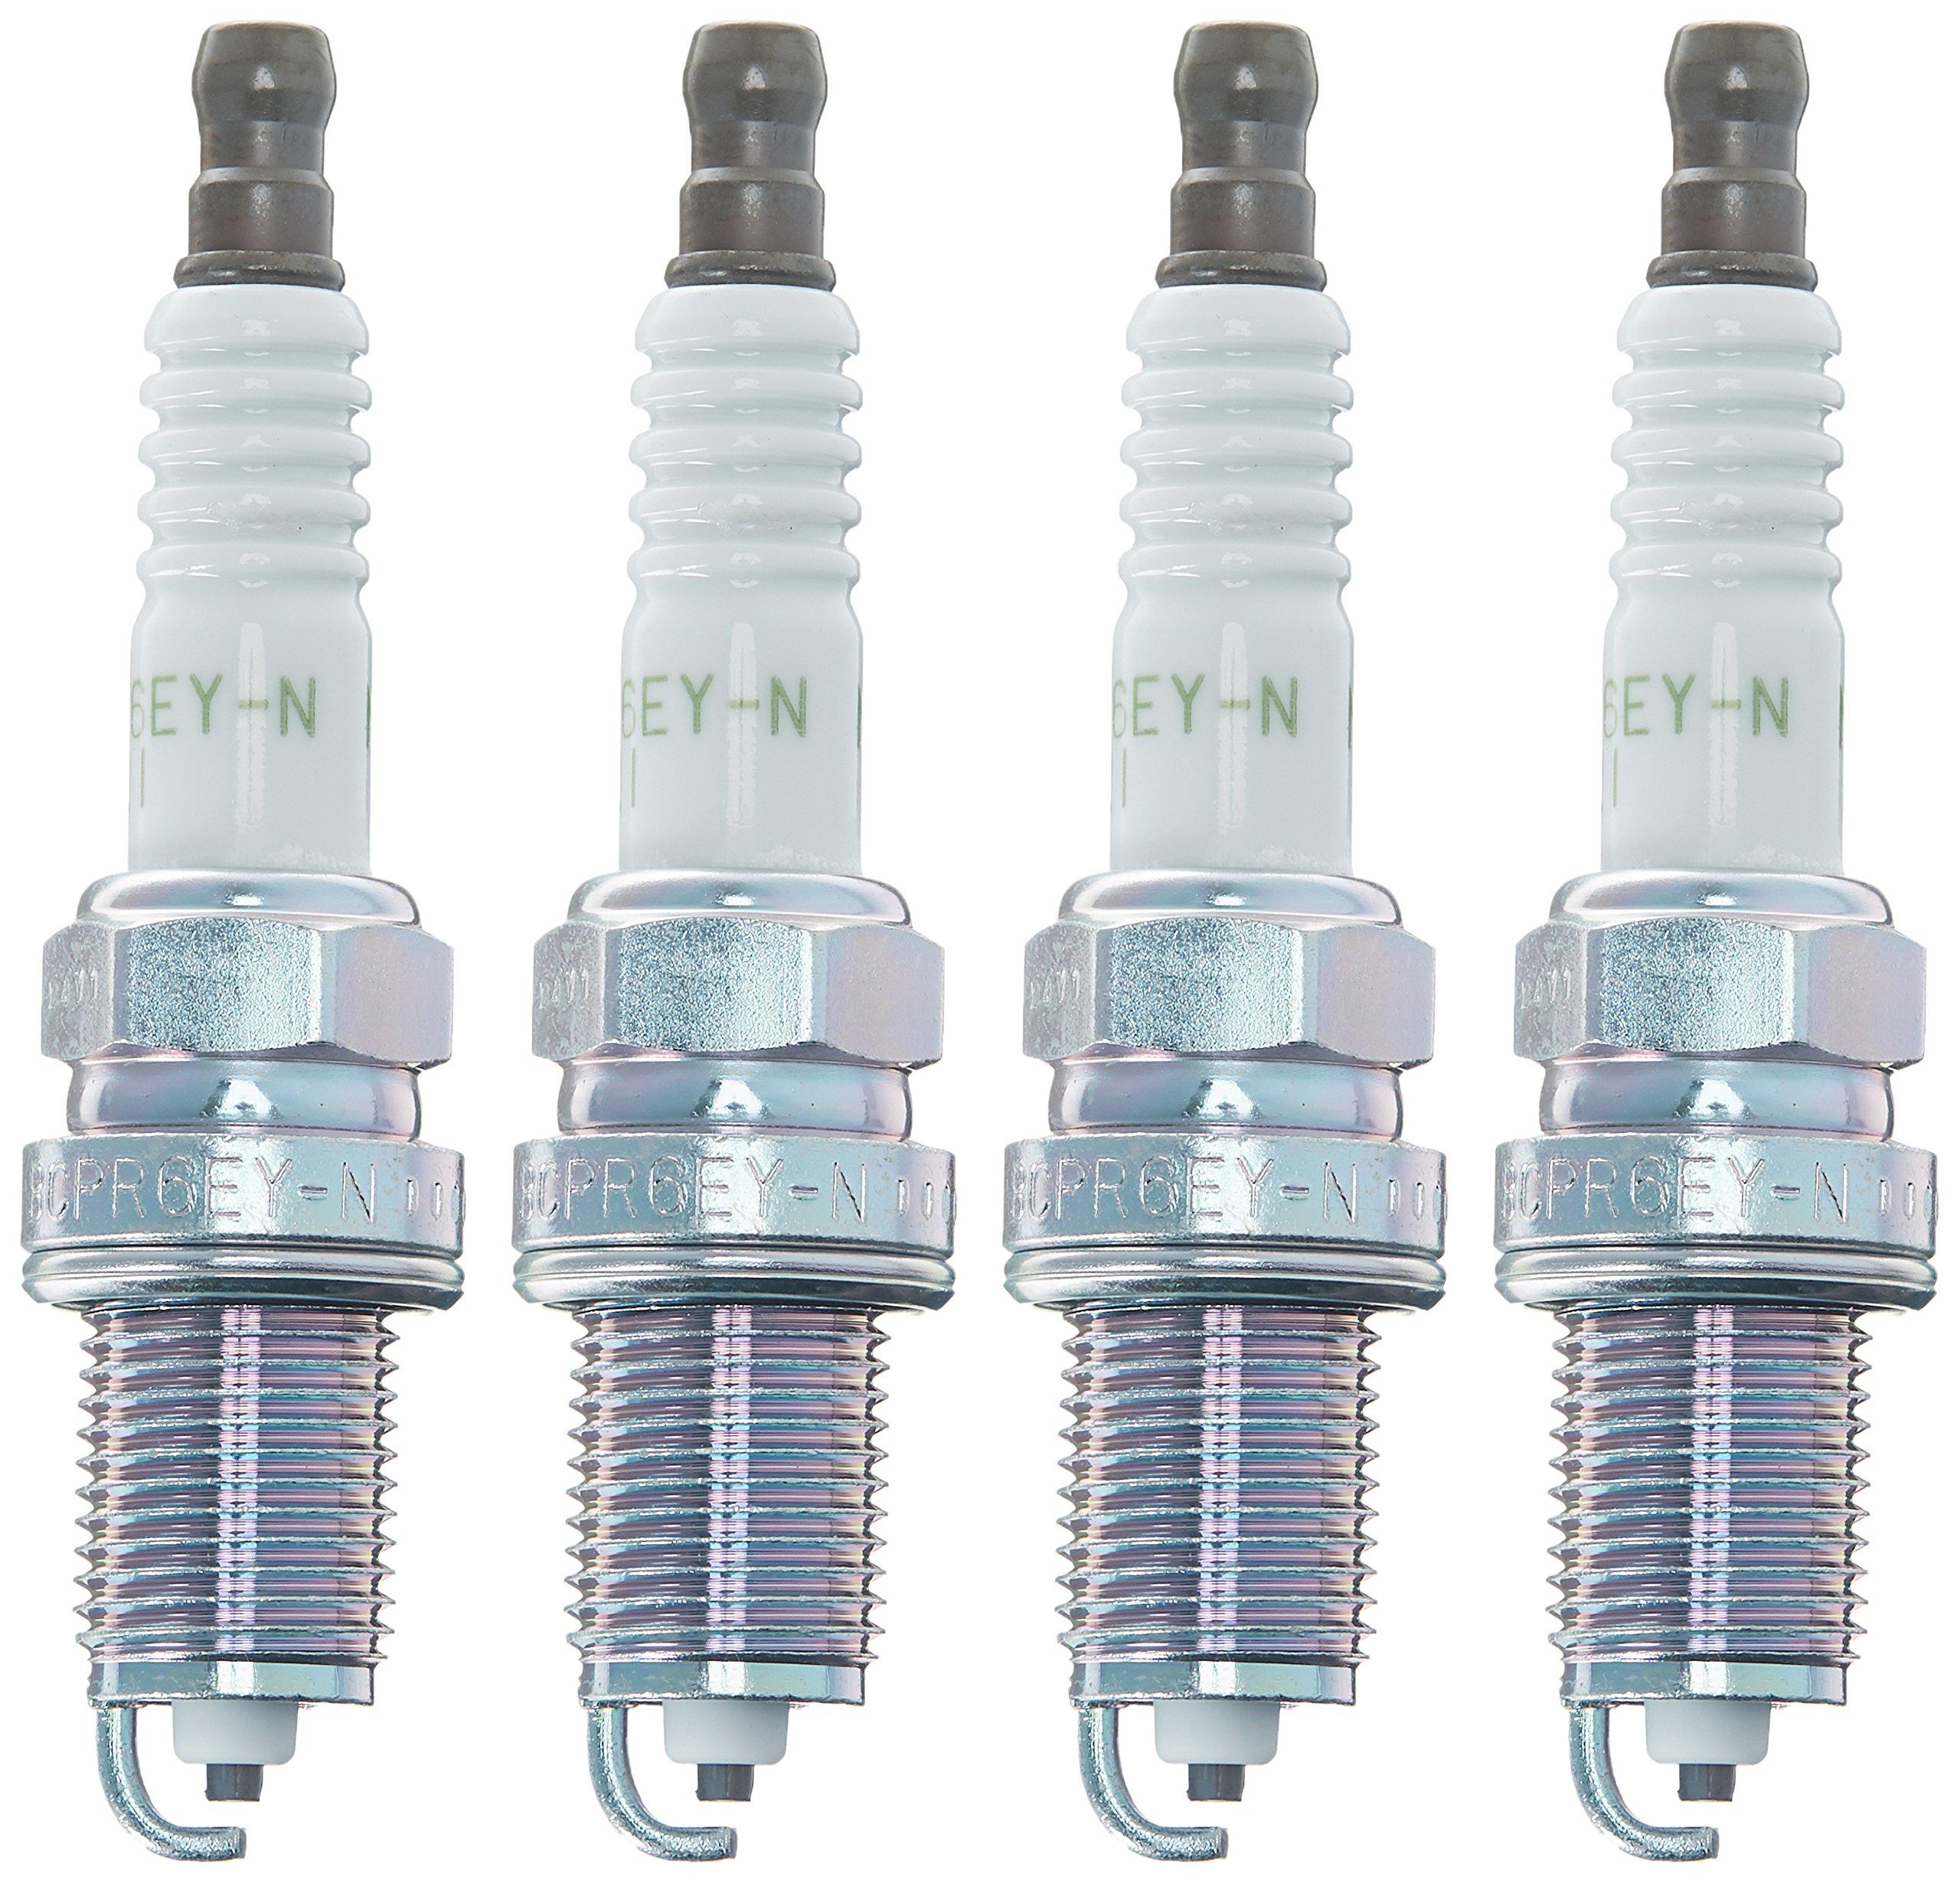 NGK 6262 BCPR6EY-N-11 V-Power Spark Plug, Pack of 4